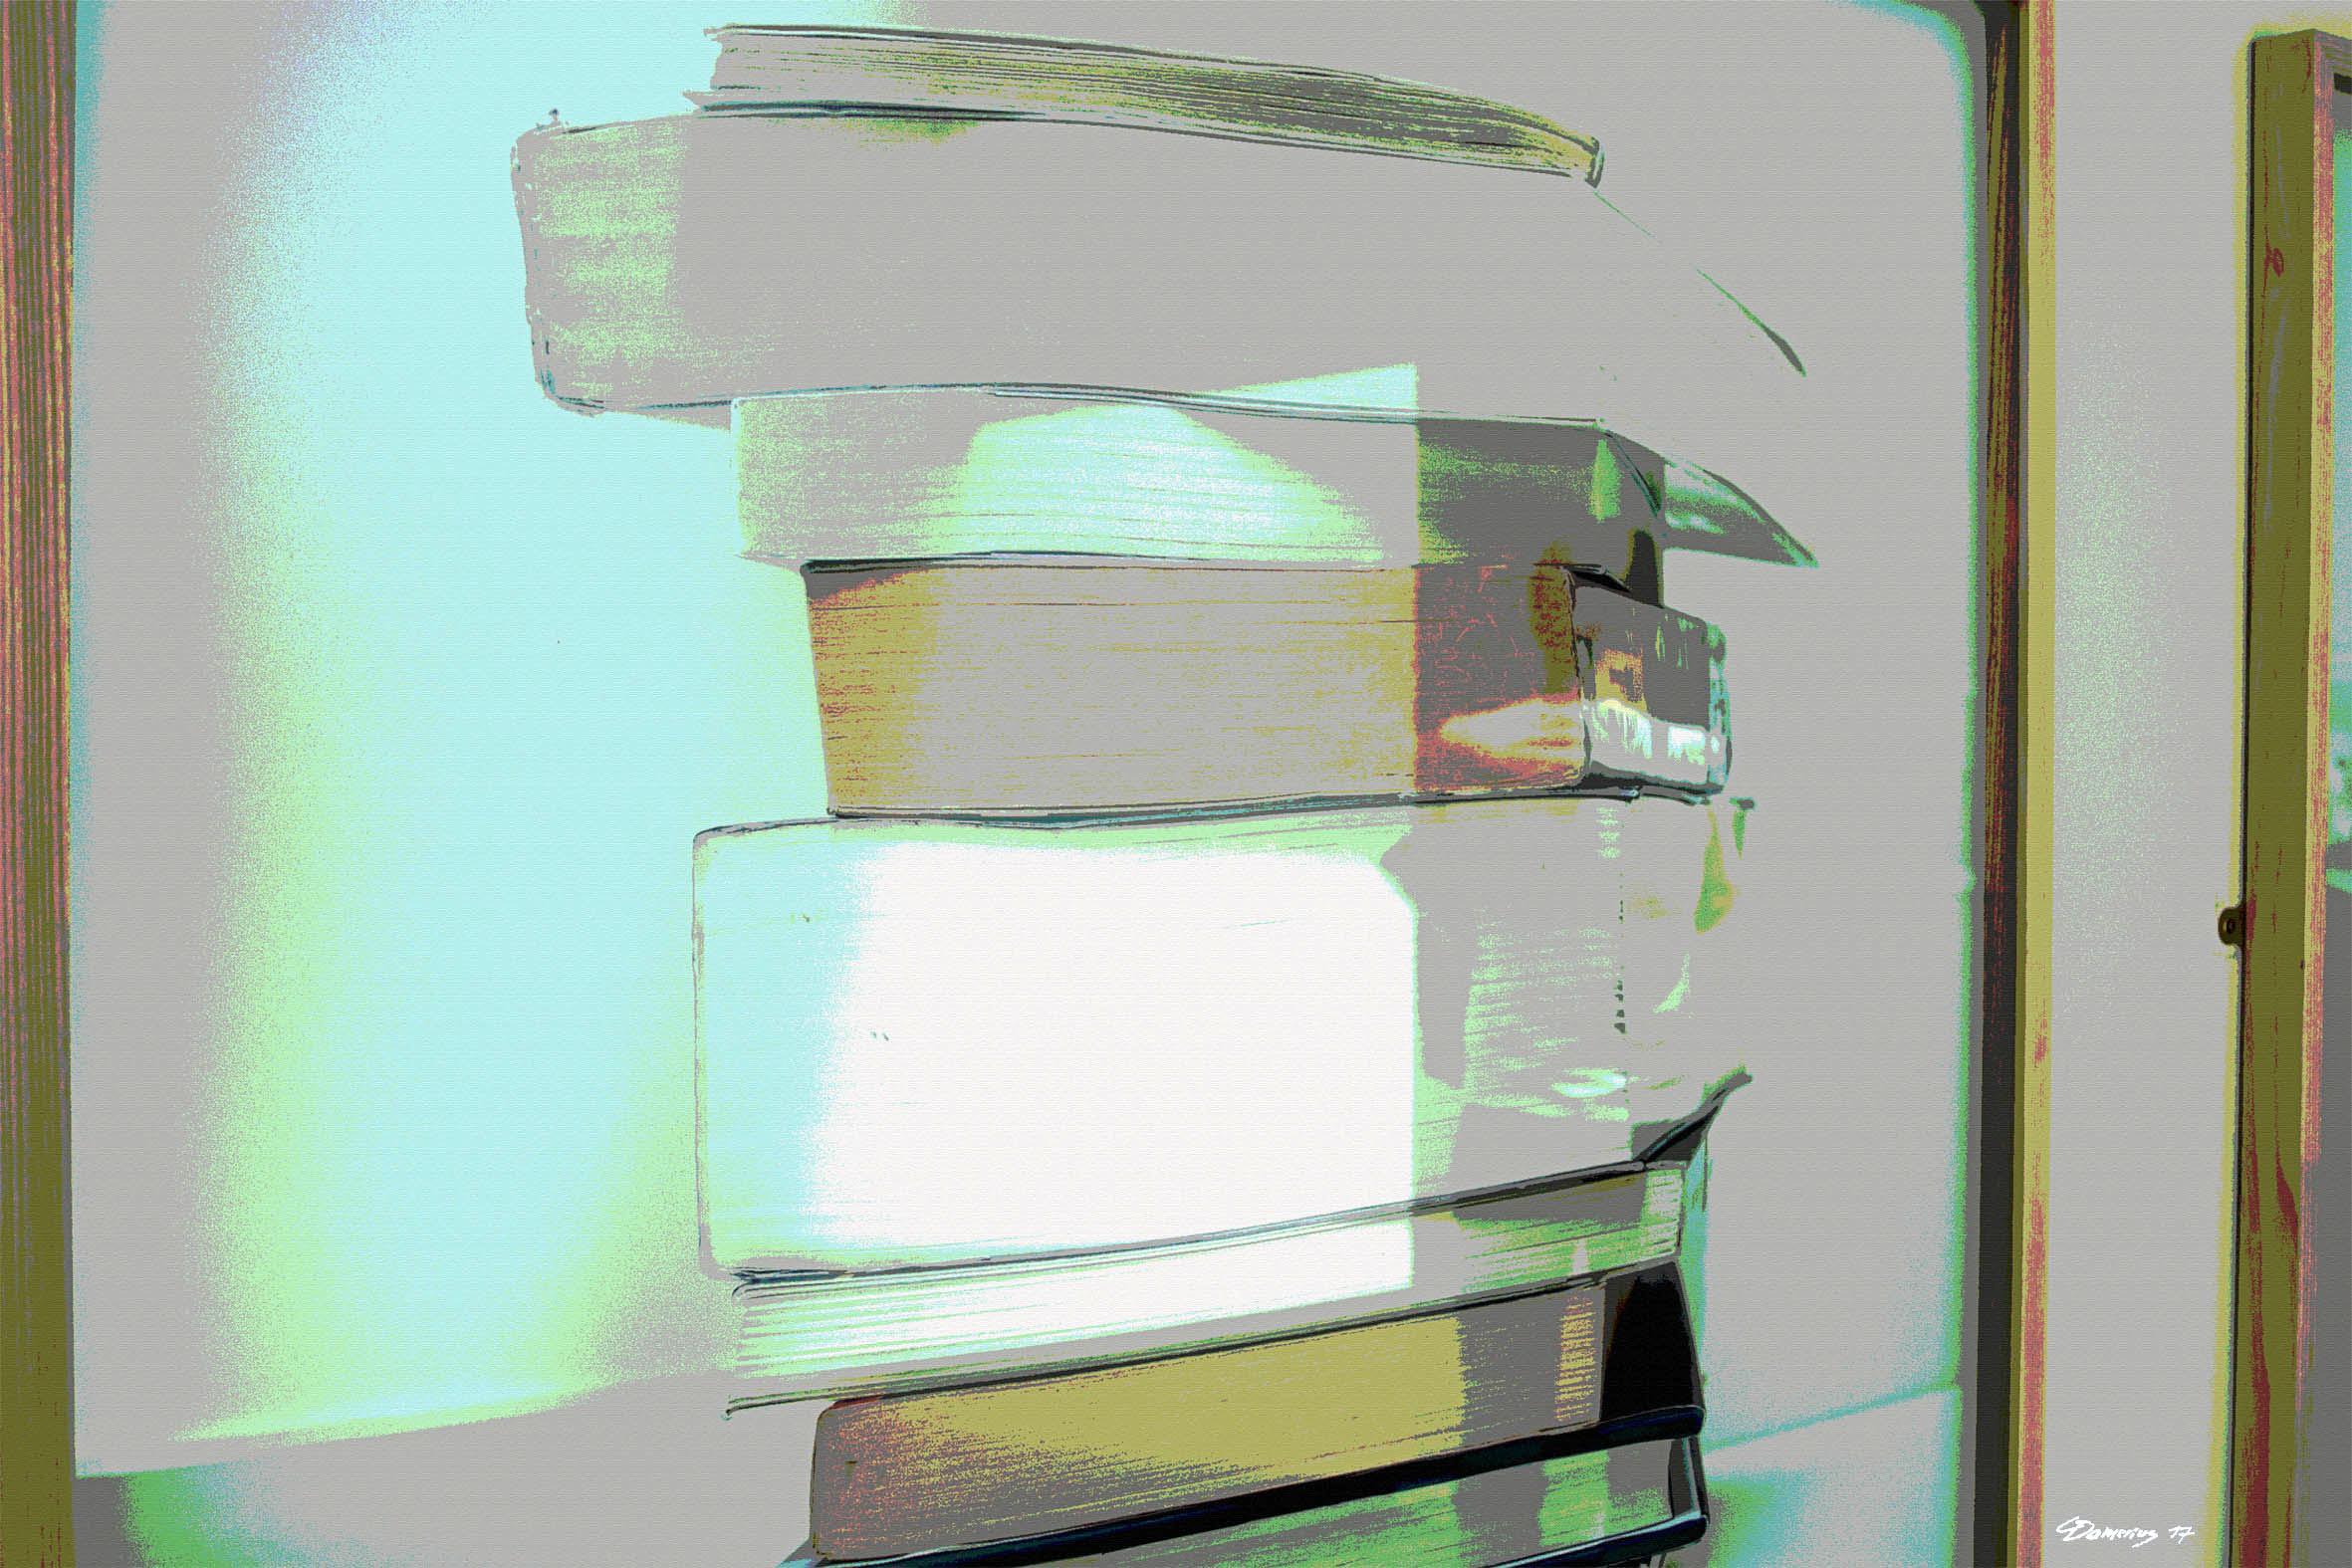 christian damerius,spiegelung,kunstdruck,gemälde, online kaufen,moderne malerei,bilder für wandgestaltung,